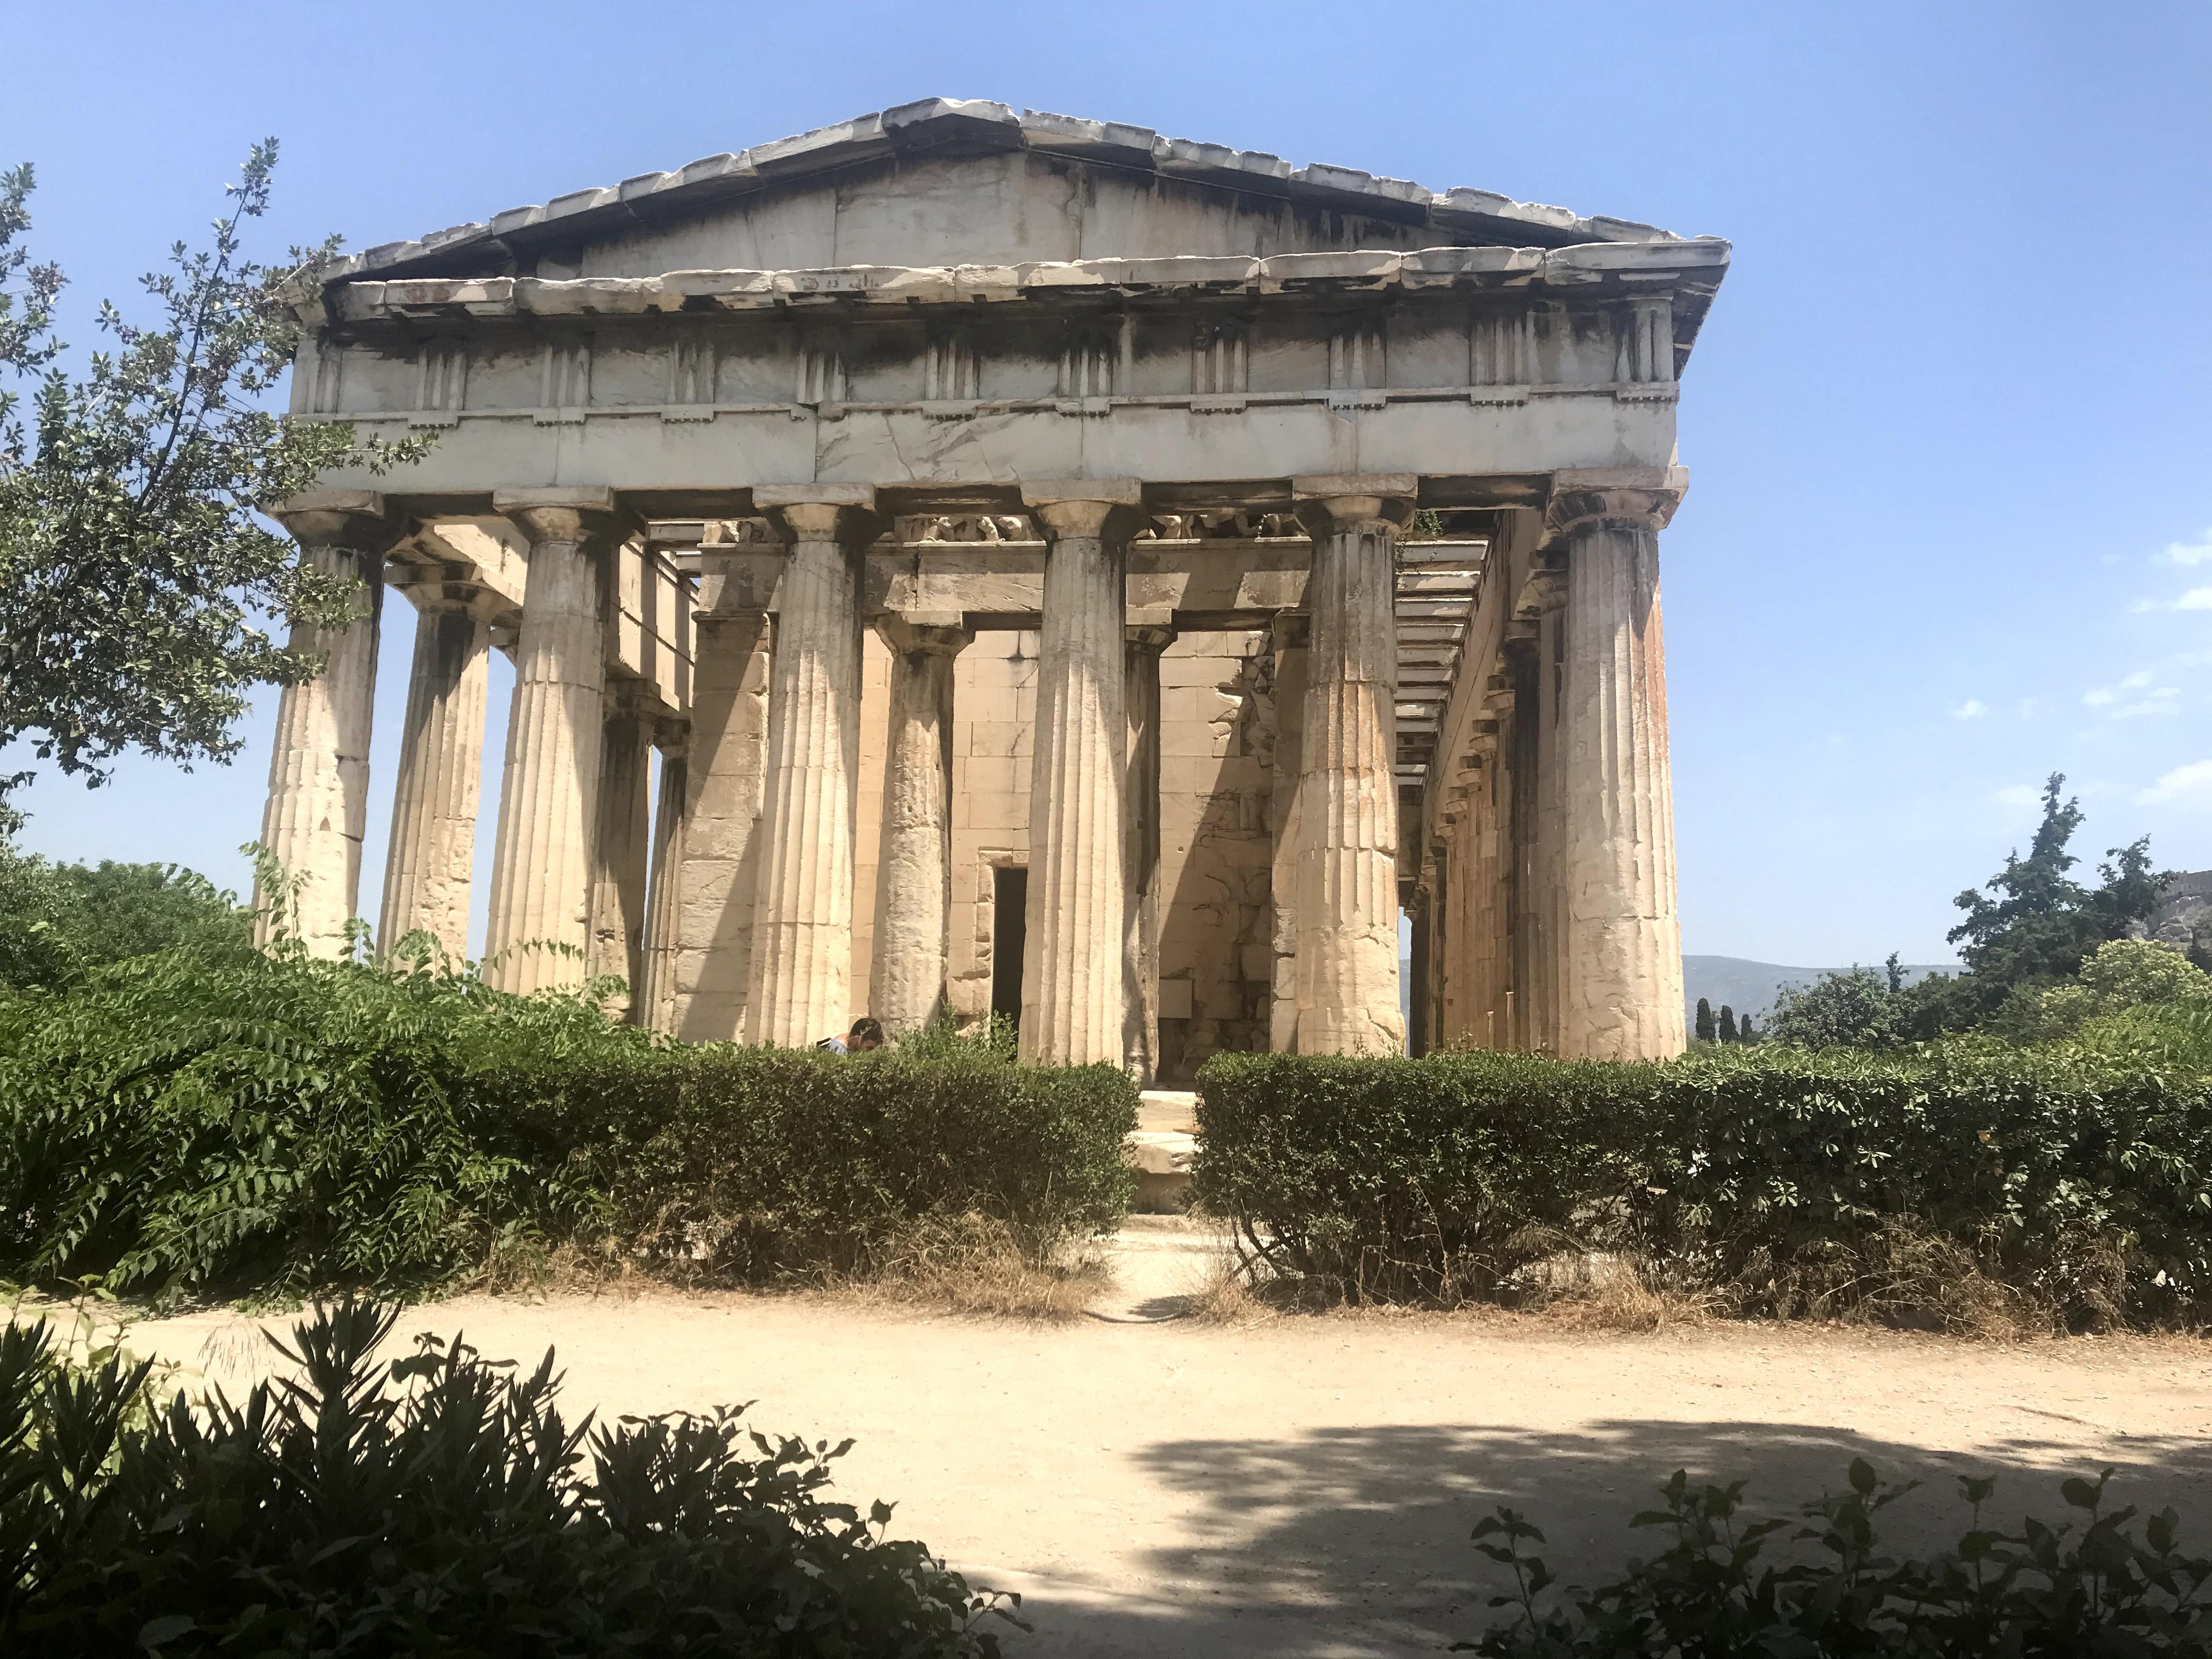 The Hephaisteion